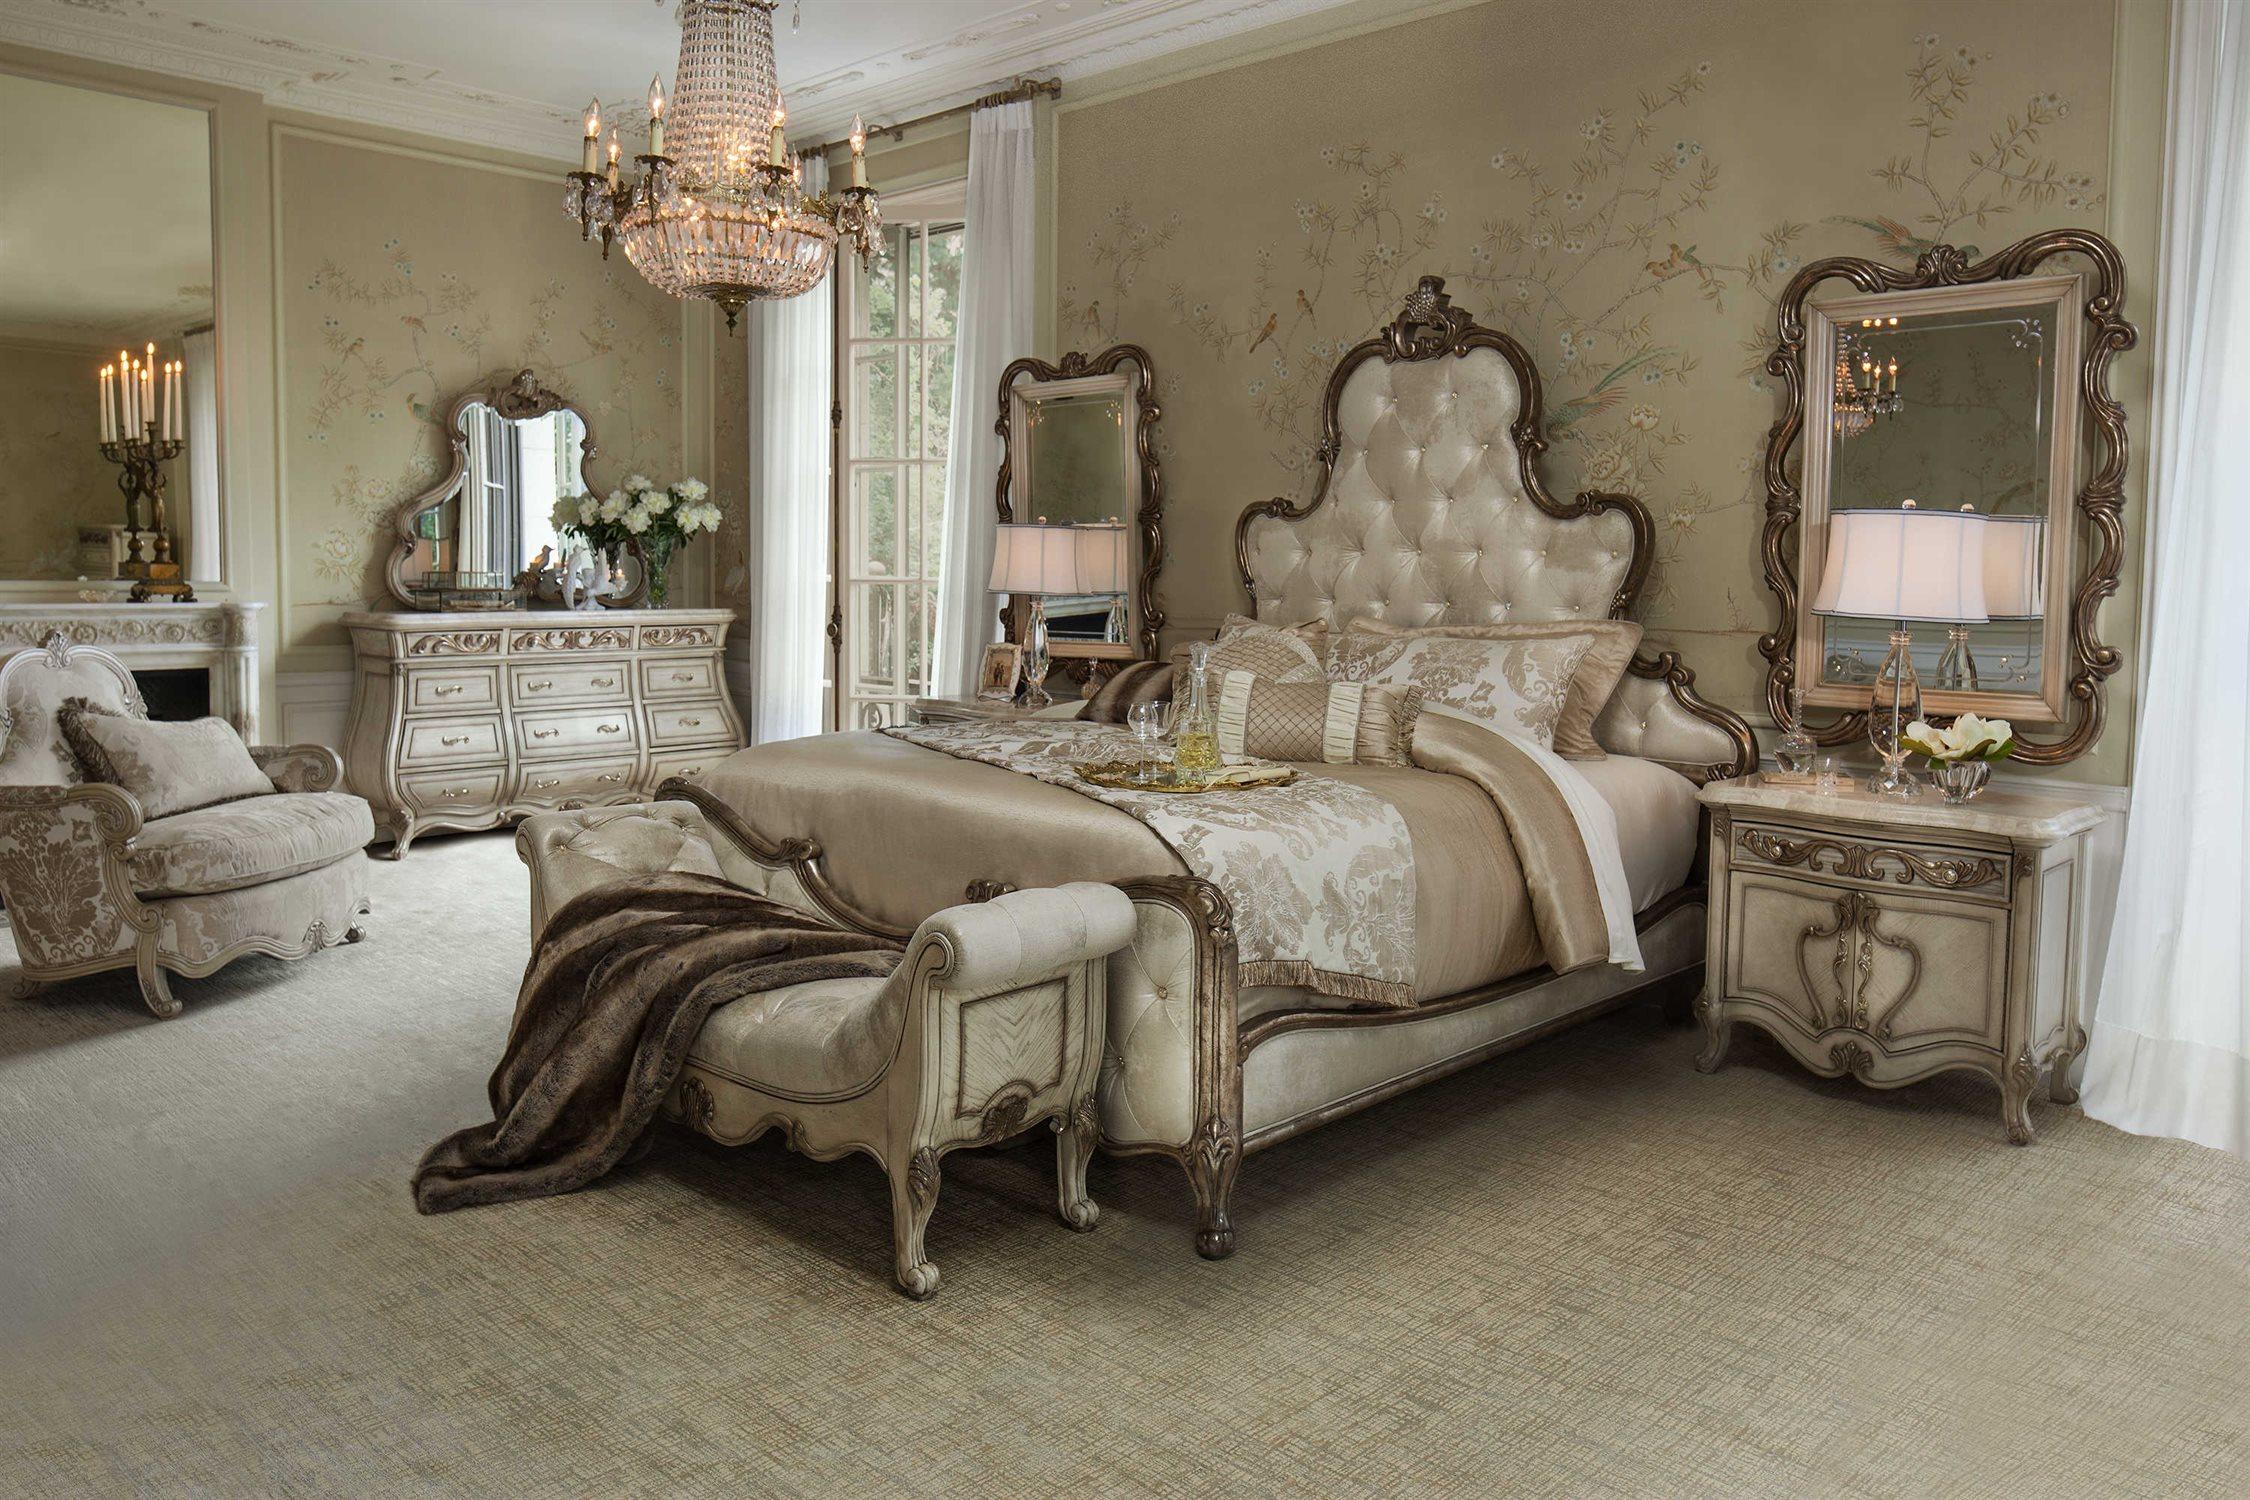 Aico Bedroom Set   Aico Furniture Platine De Royale Bedroom Set